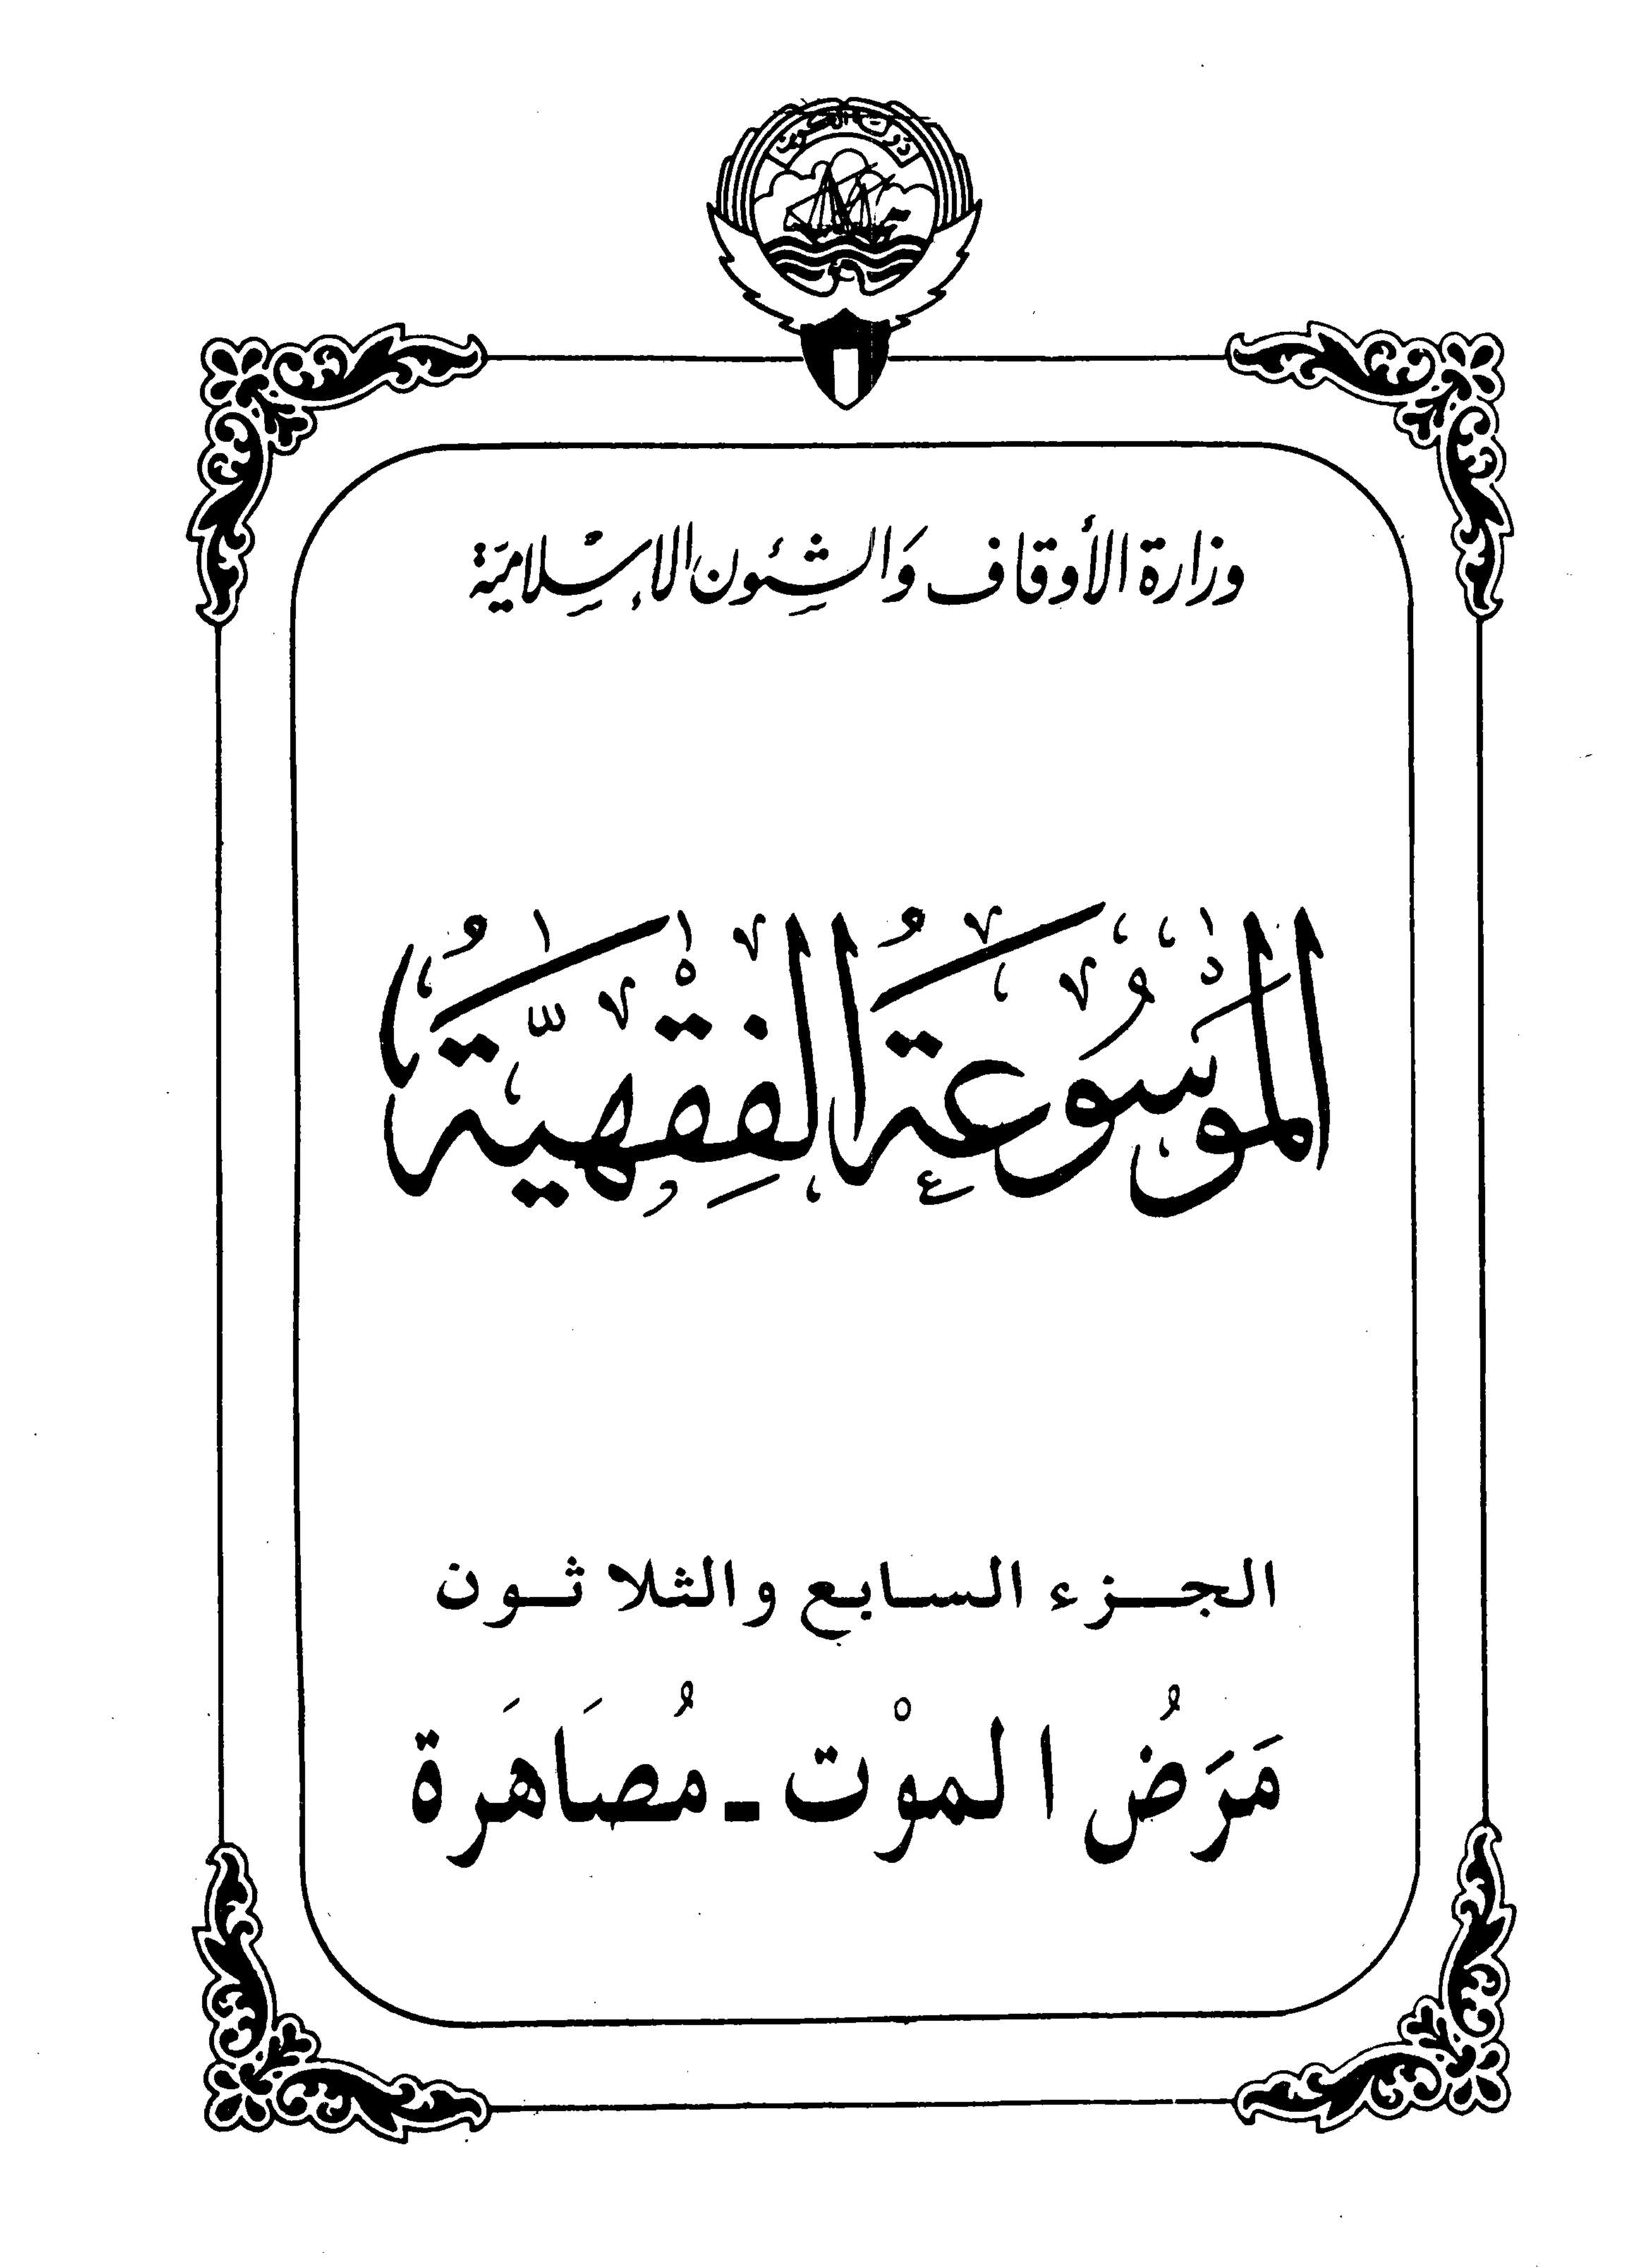 الموسوعة الفقهية الكويتية- الجزء السابع والثلاثون (مرض الموت – مصاهرة)